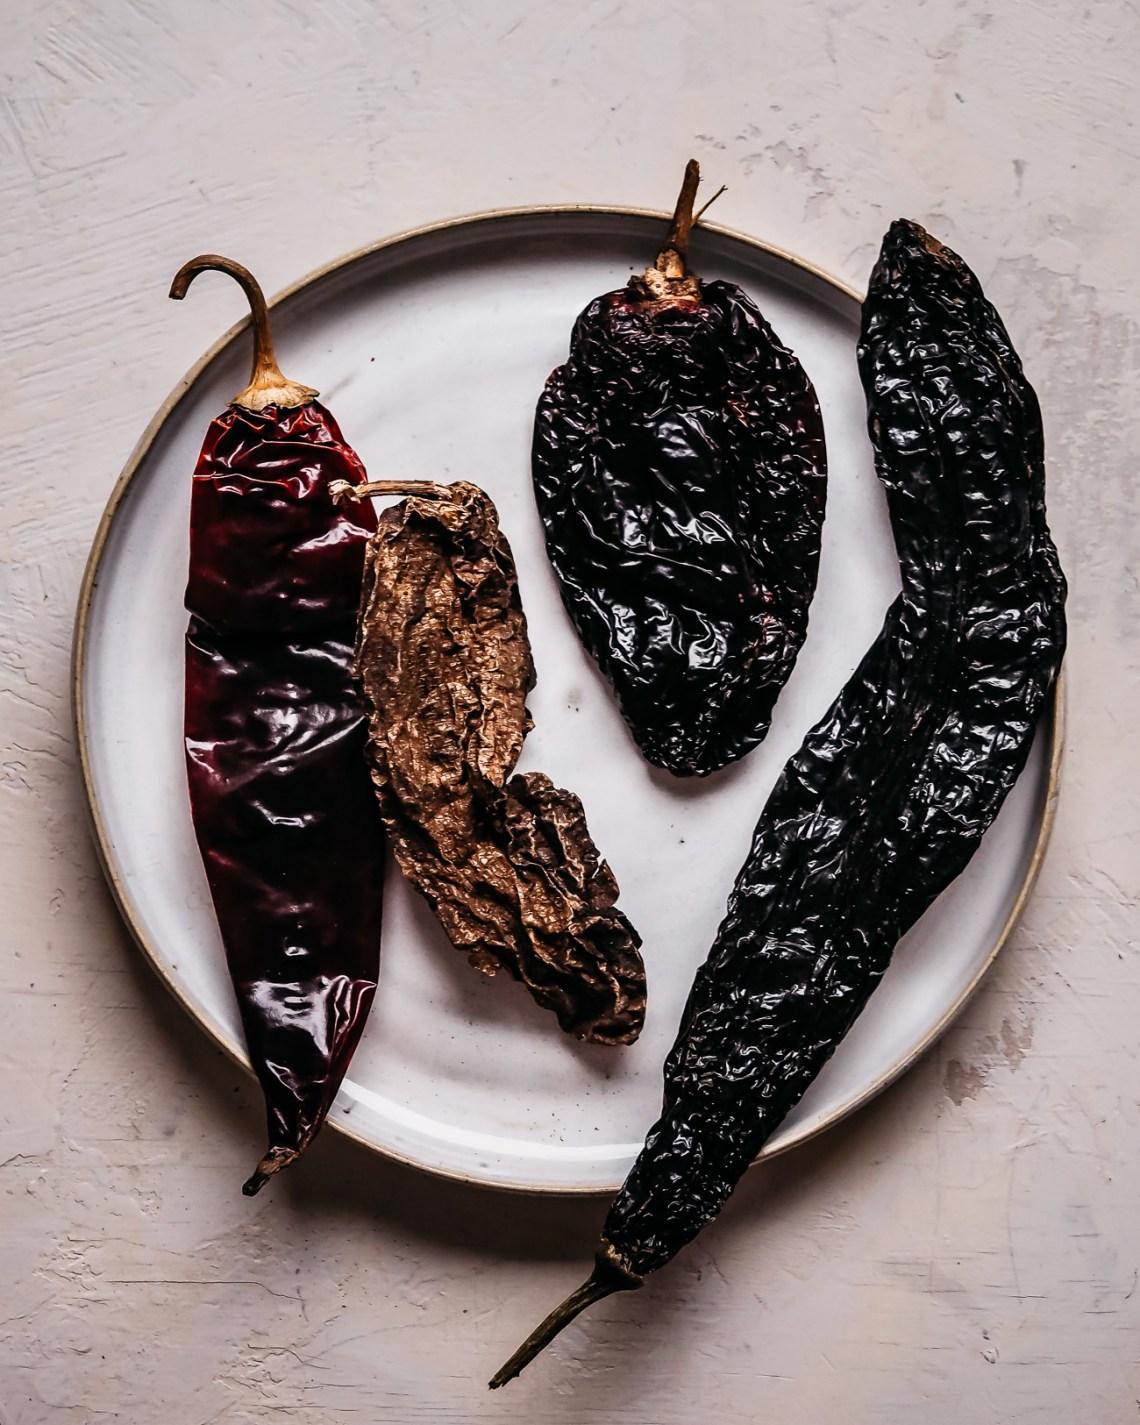 meksikolaiset kuivatut chilit